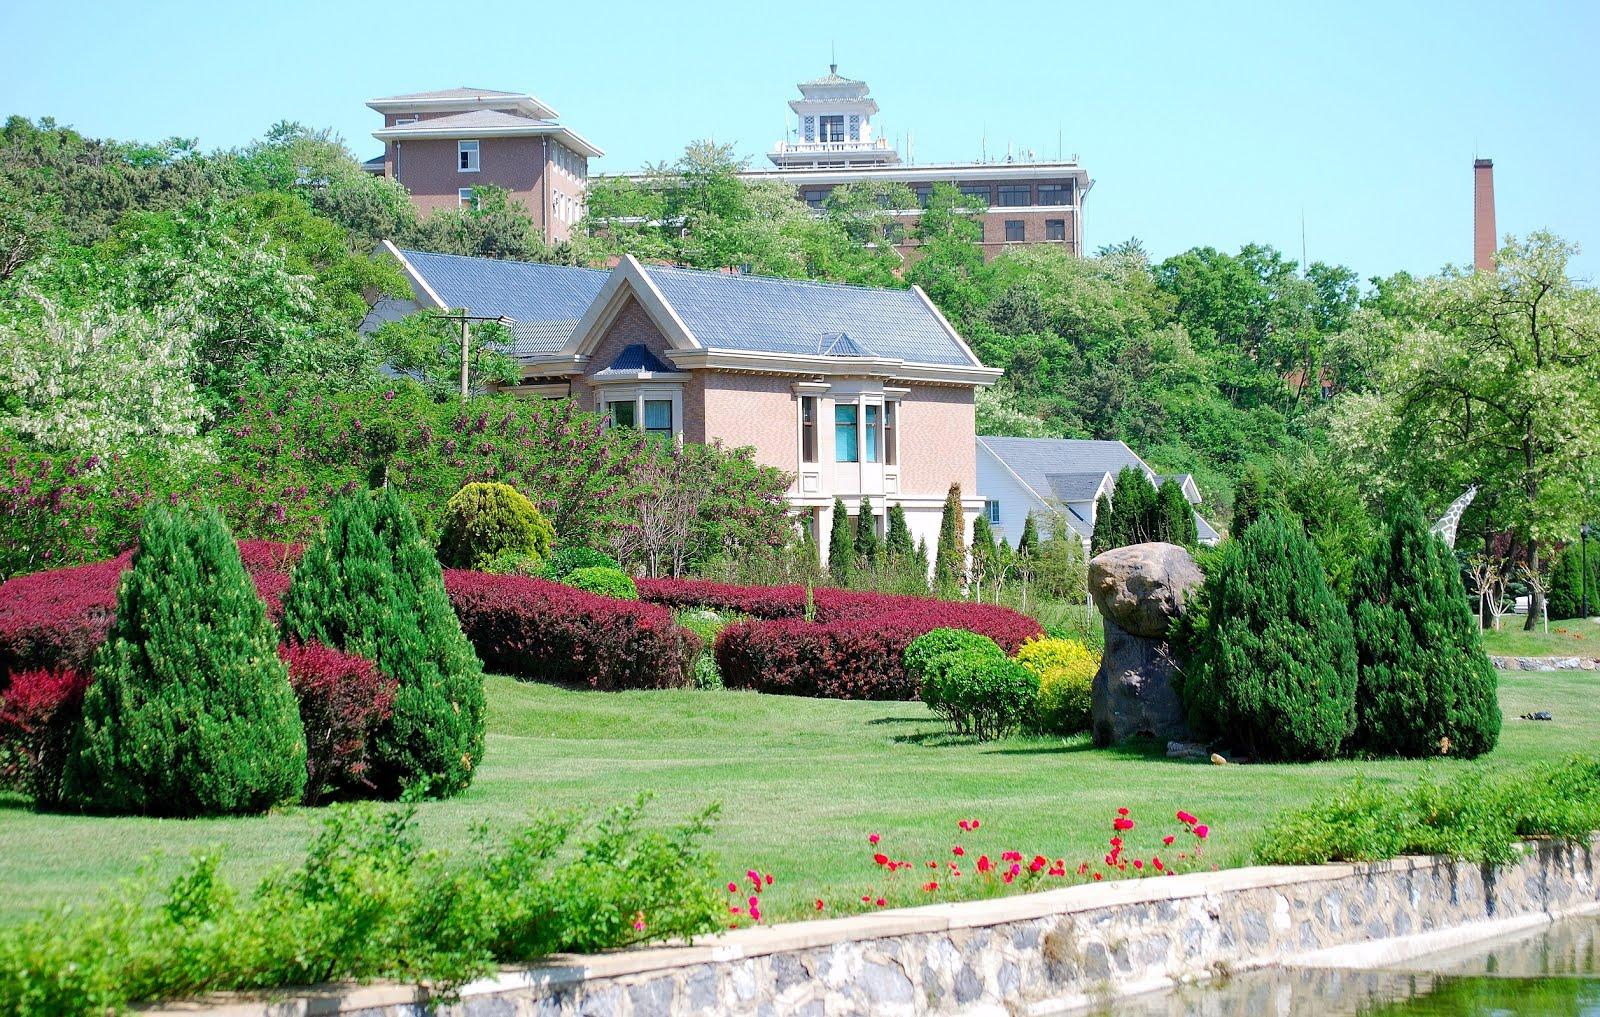 Casas y jardines dise os arquitect nicos for Imagenes de jardines de casas